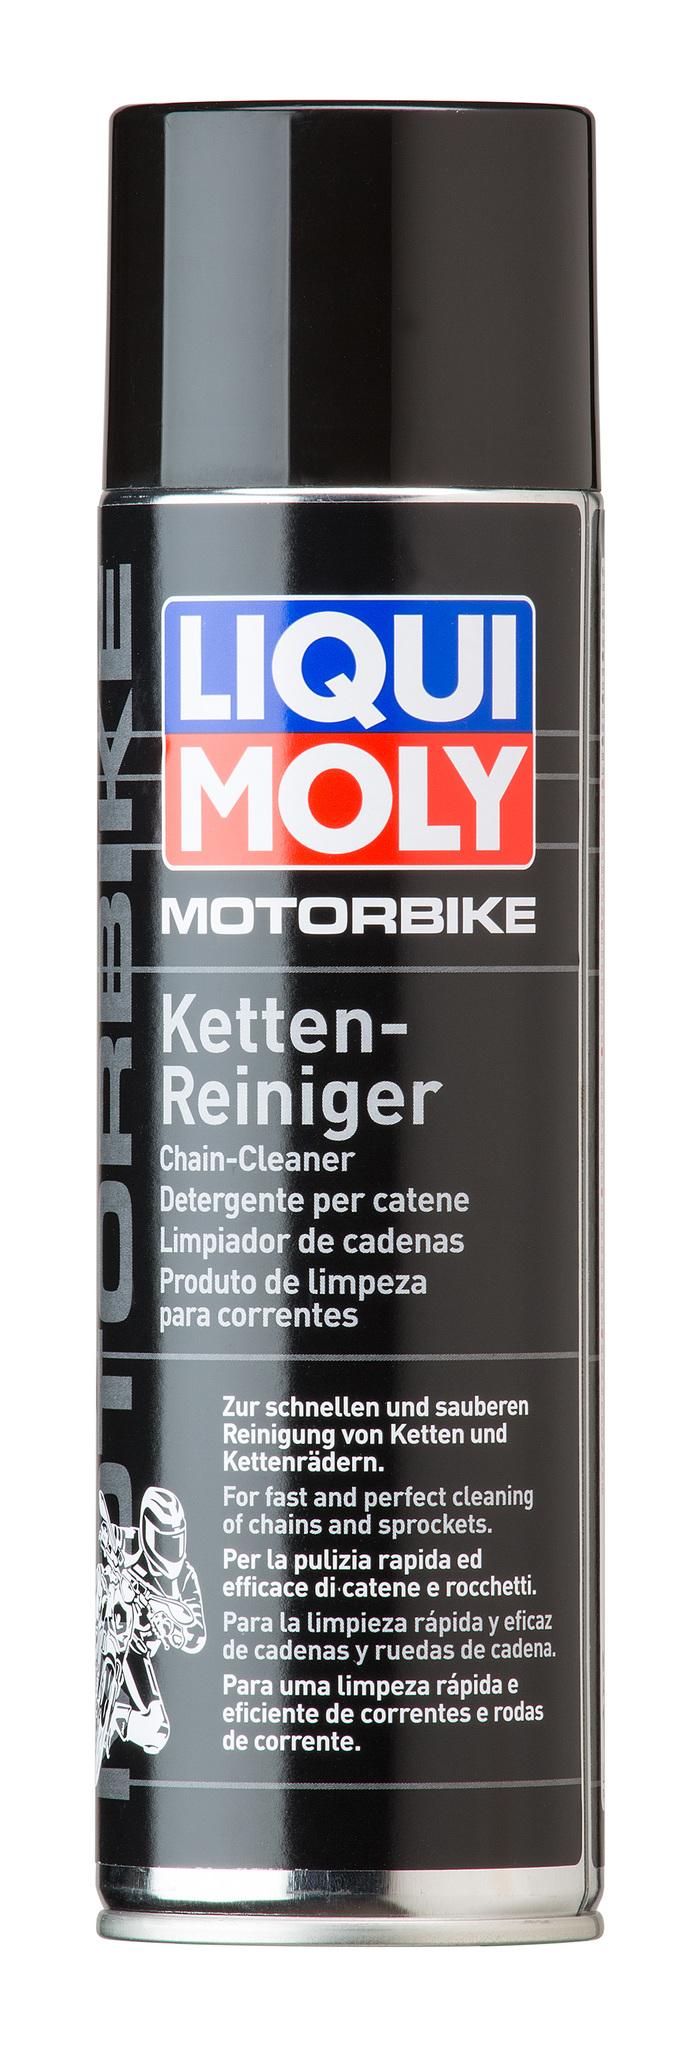 Liqui Moly Motorrad Ketten Reiniger Очиститель приводной цепи мотоцикла